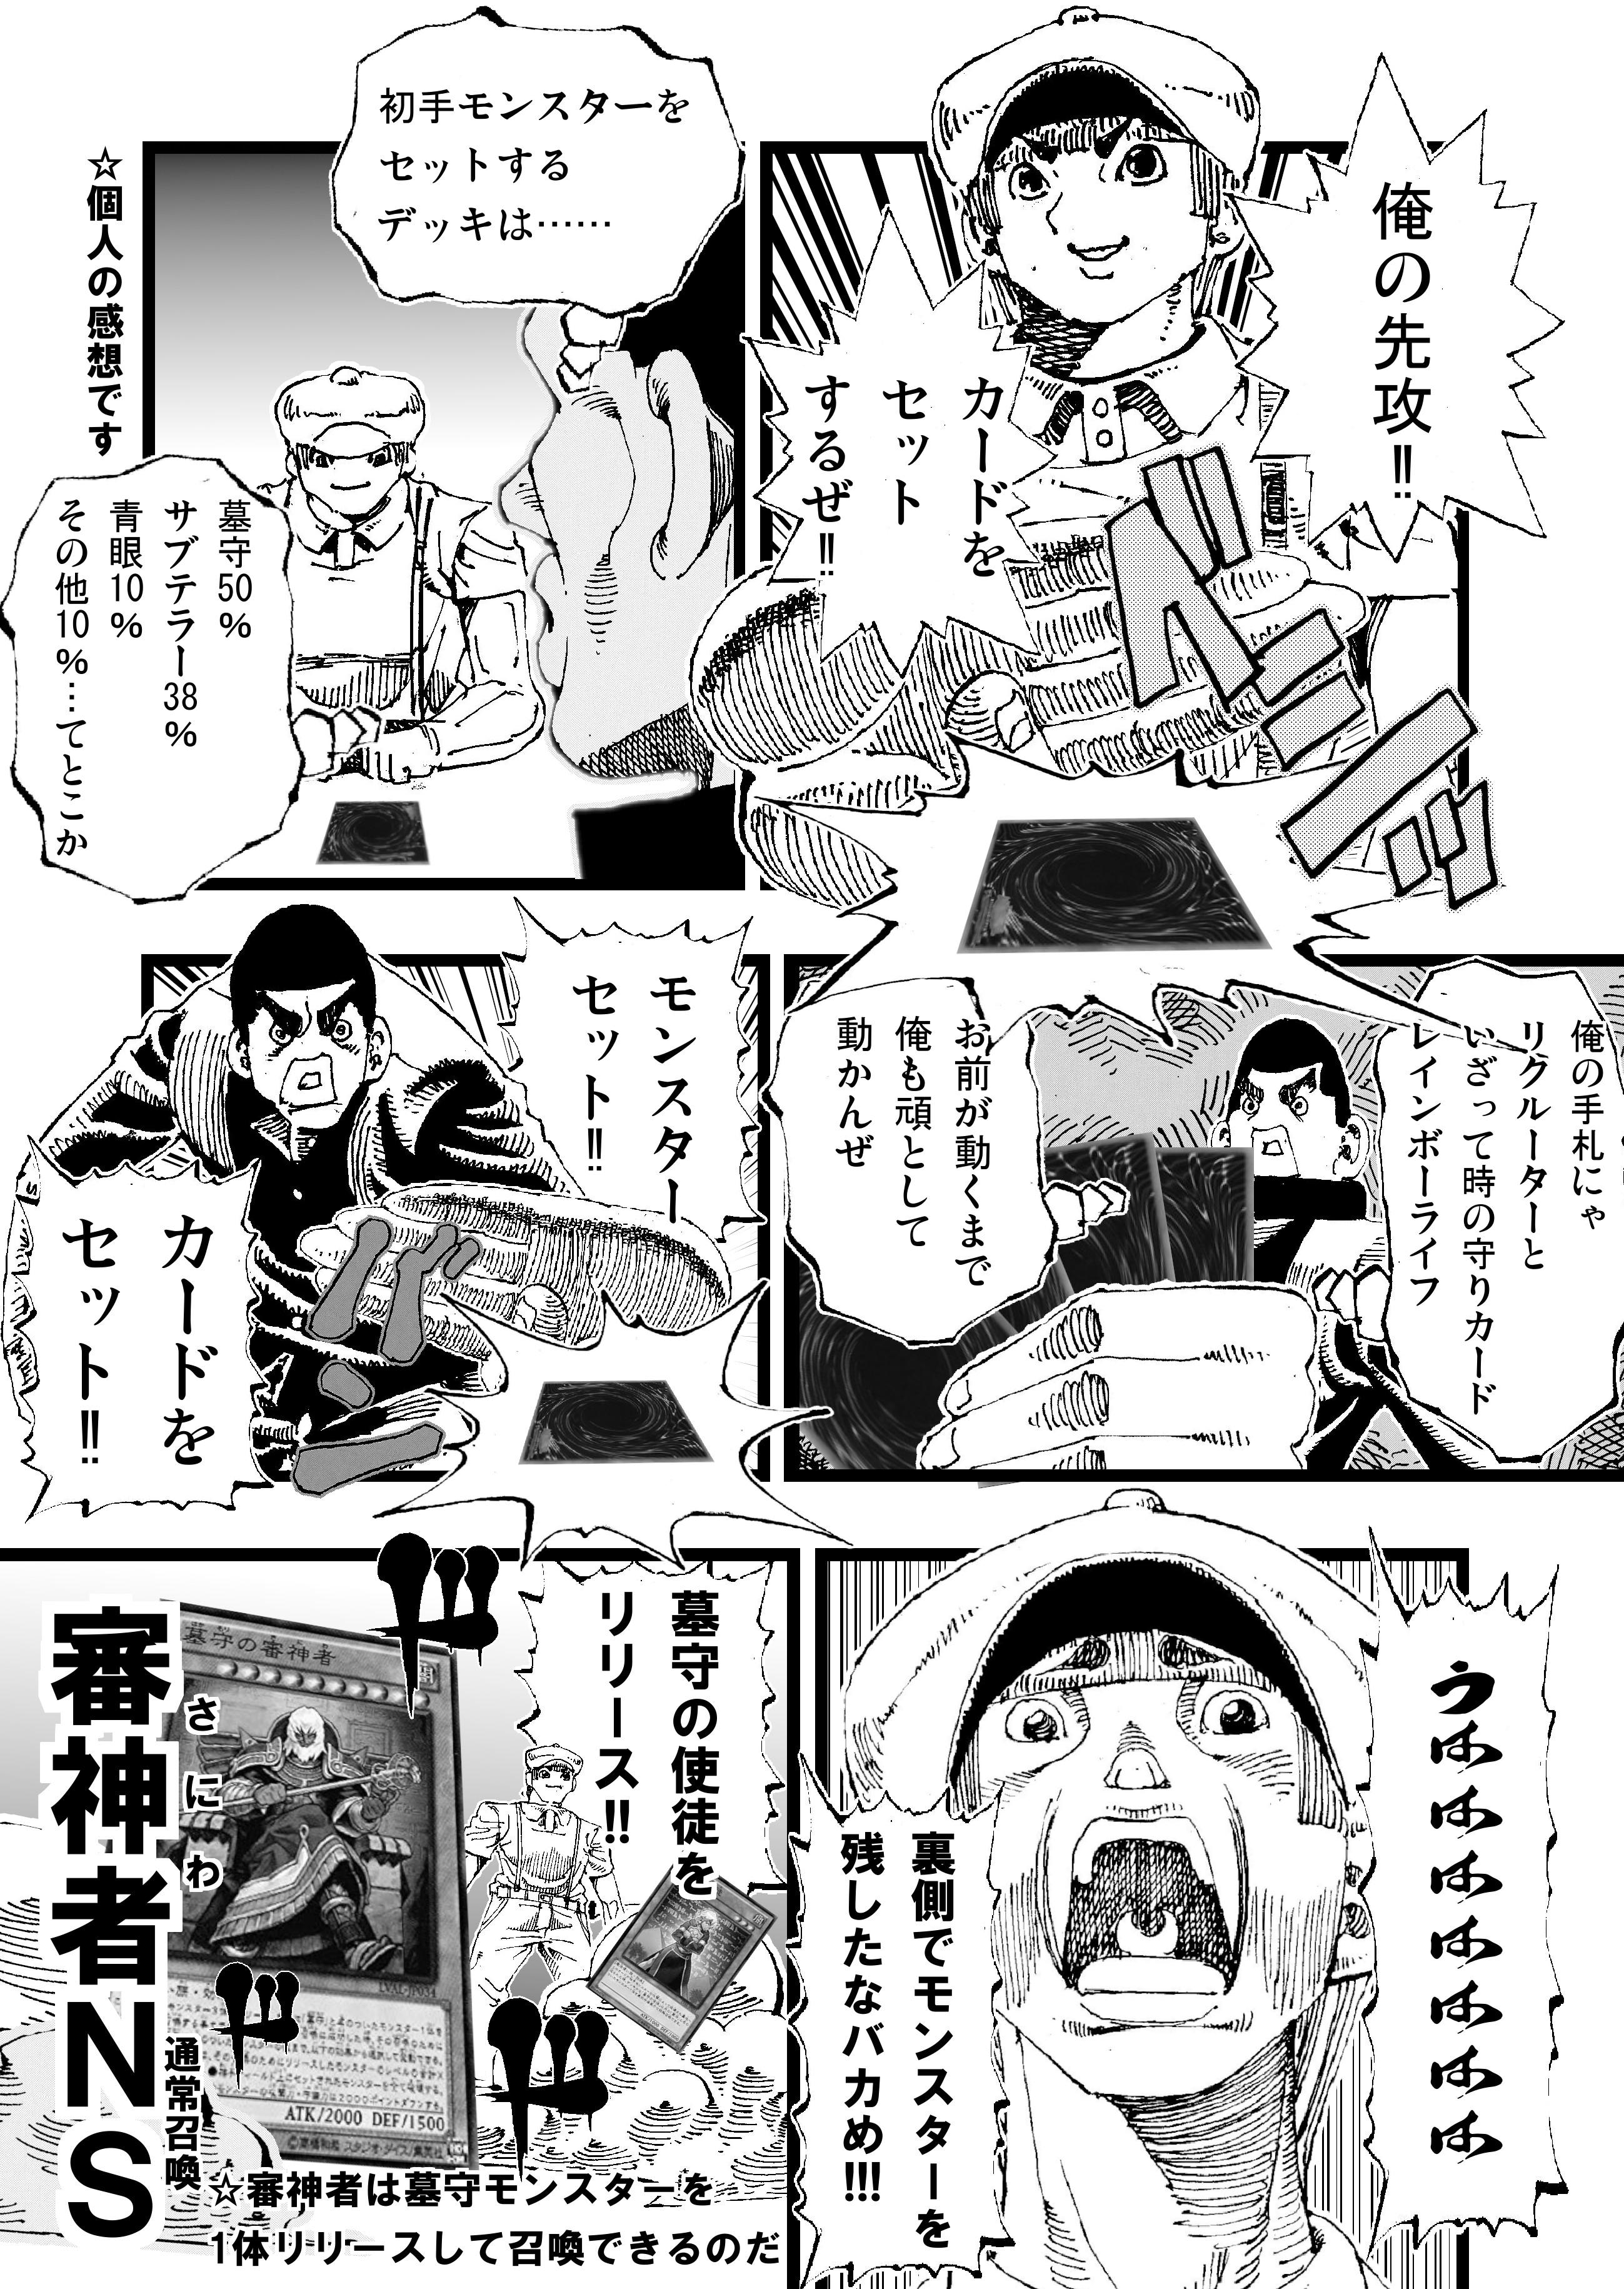 遊戯王デュエルリンクス日記42 万引き少年編②決闘の章-前編